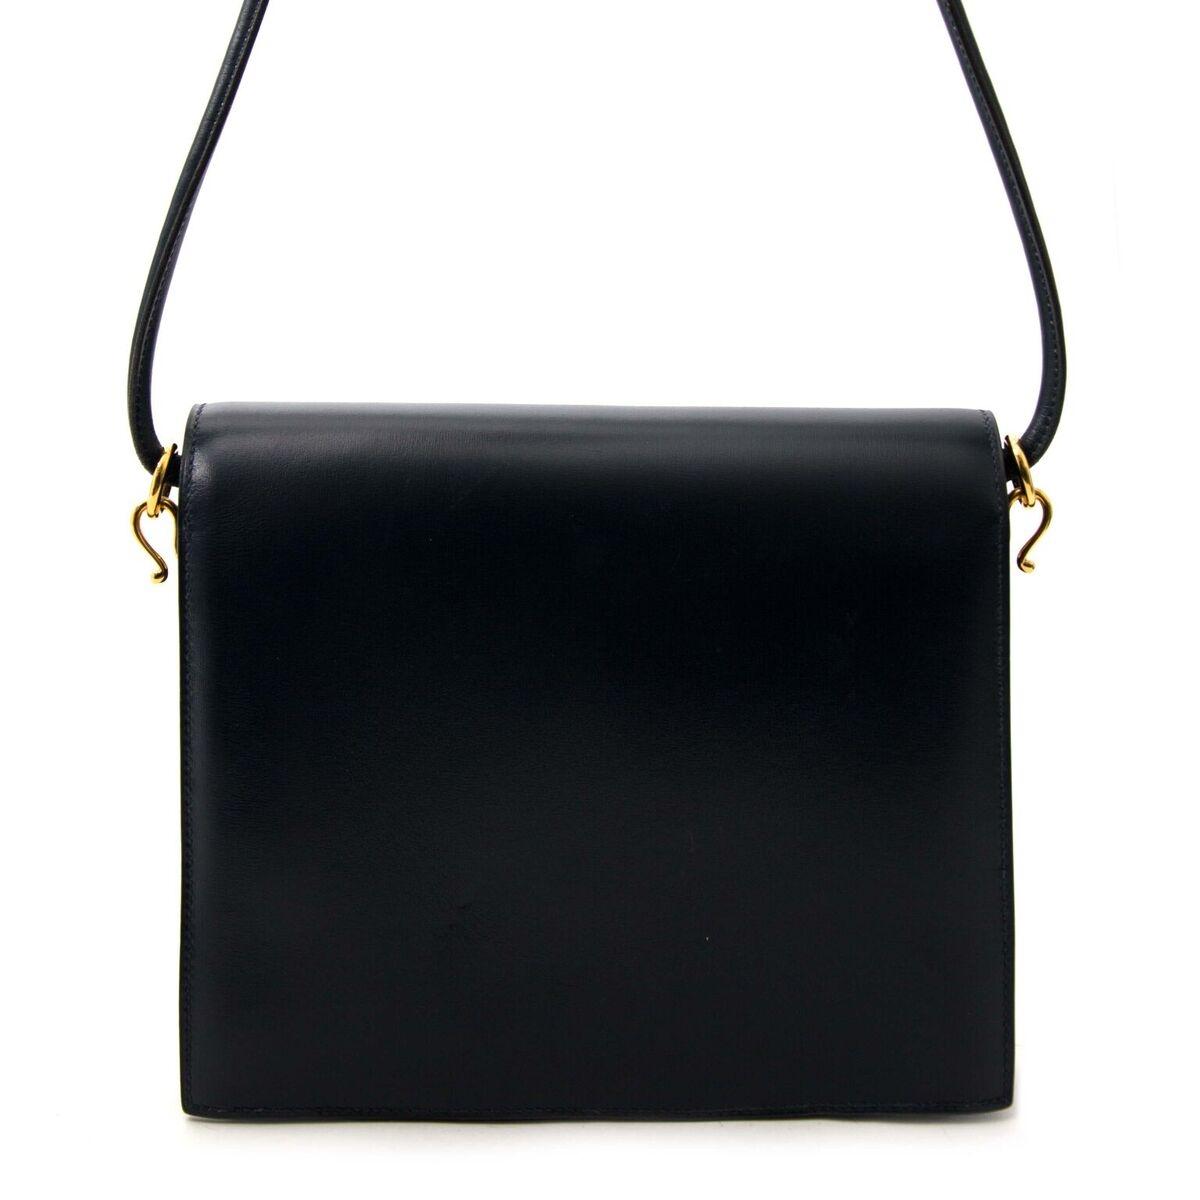 5b63d2cbd8 Safe Koop authentieke tweedehands Hermes tassen aan een eerlijke prijs bij  LabelLOV. Veilig online shoppen.